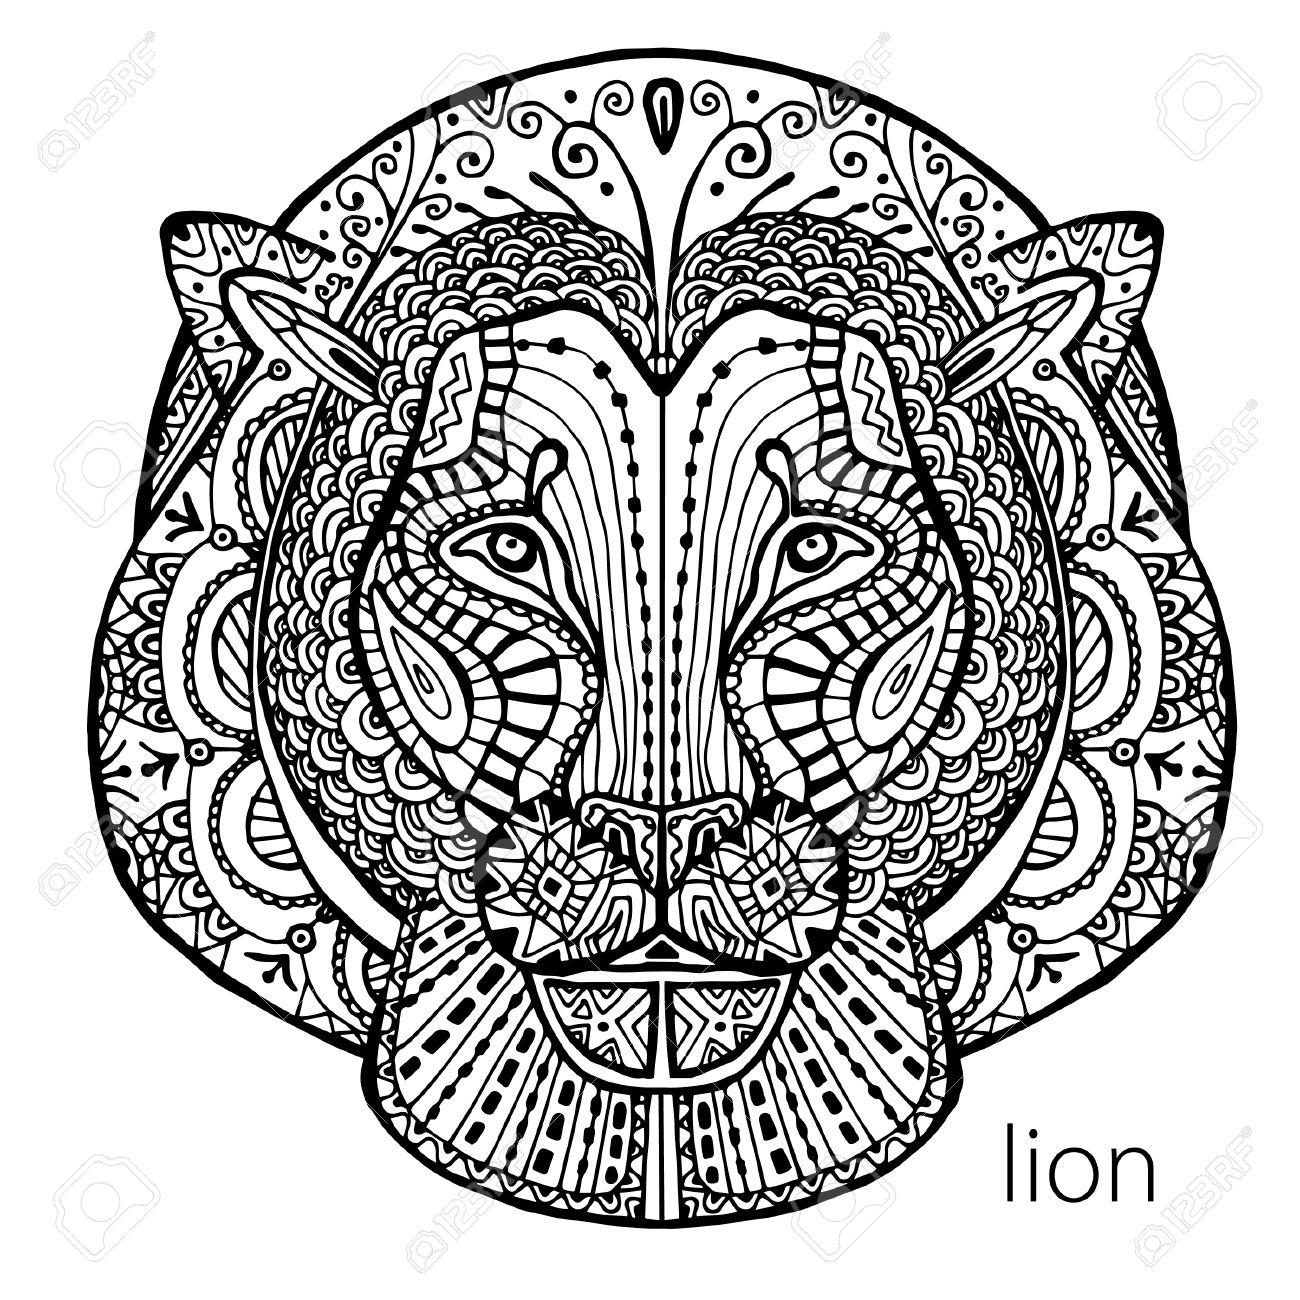 Coloriage Anti Stress Pour Adultes Lions